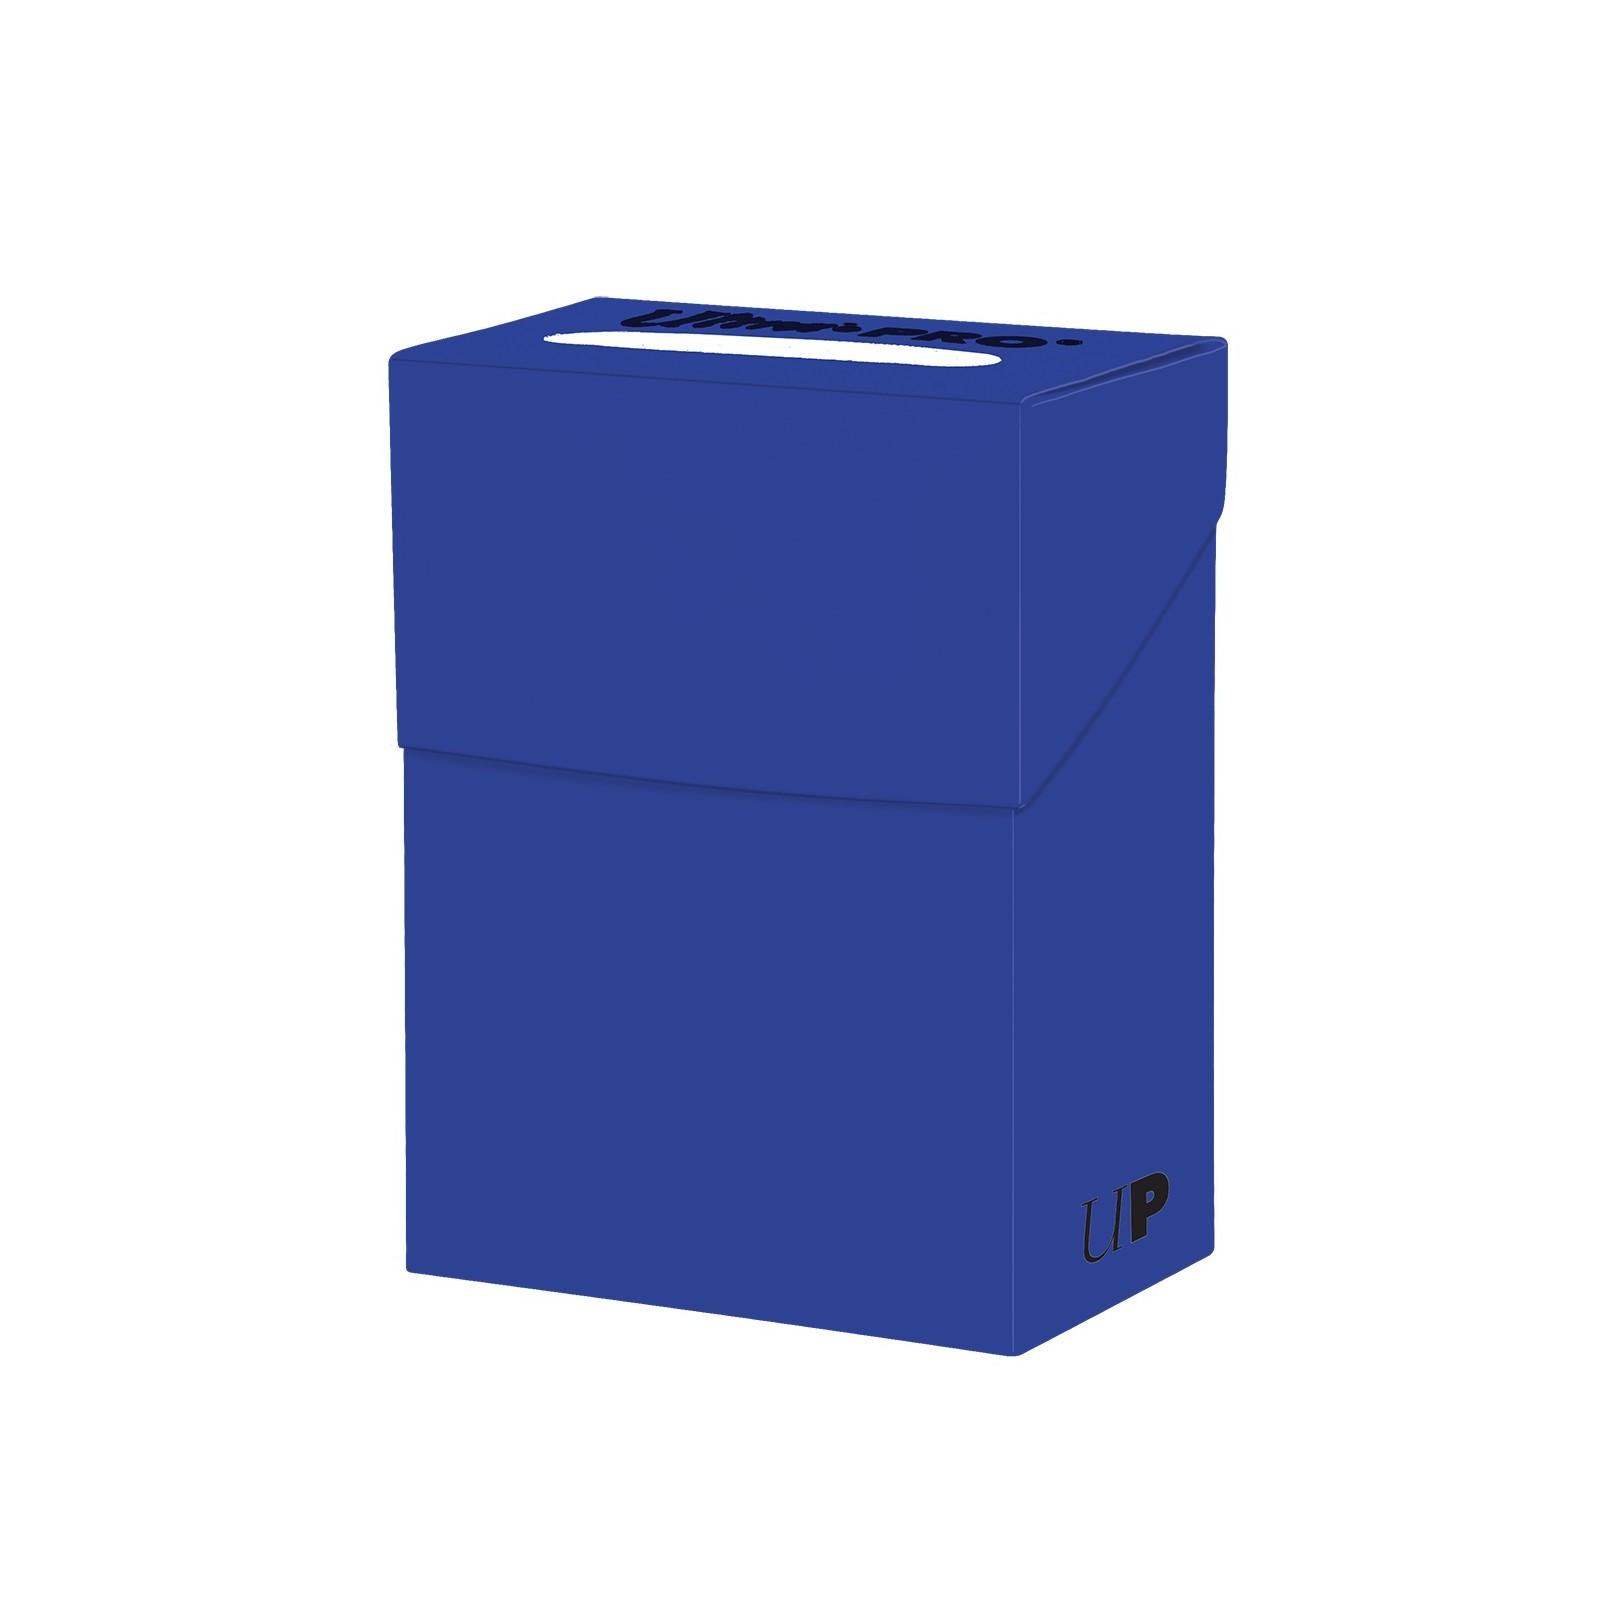 Deck Box Solid - Bleu Pacific